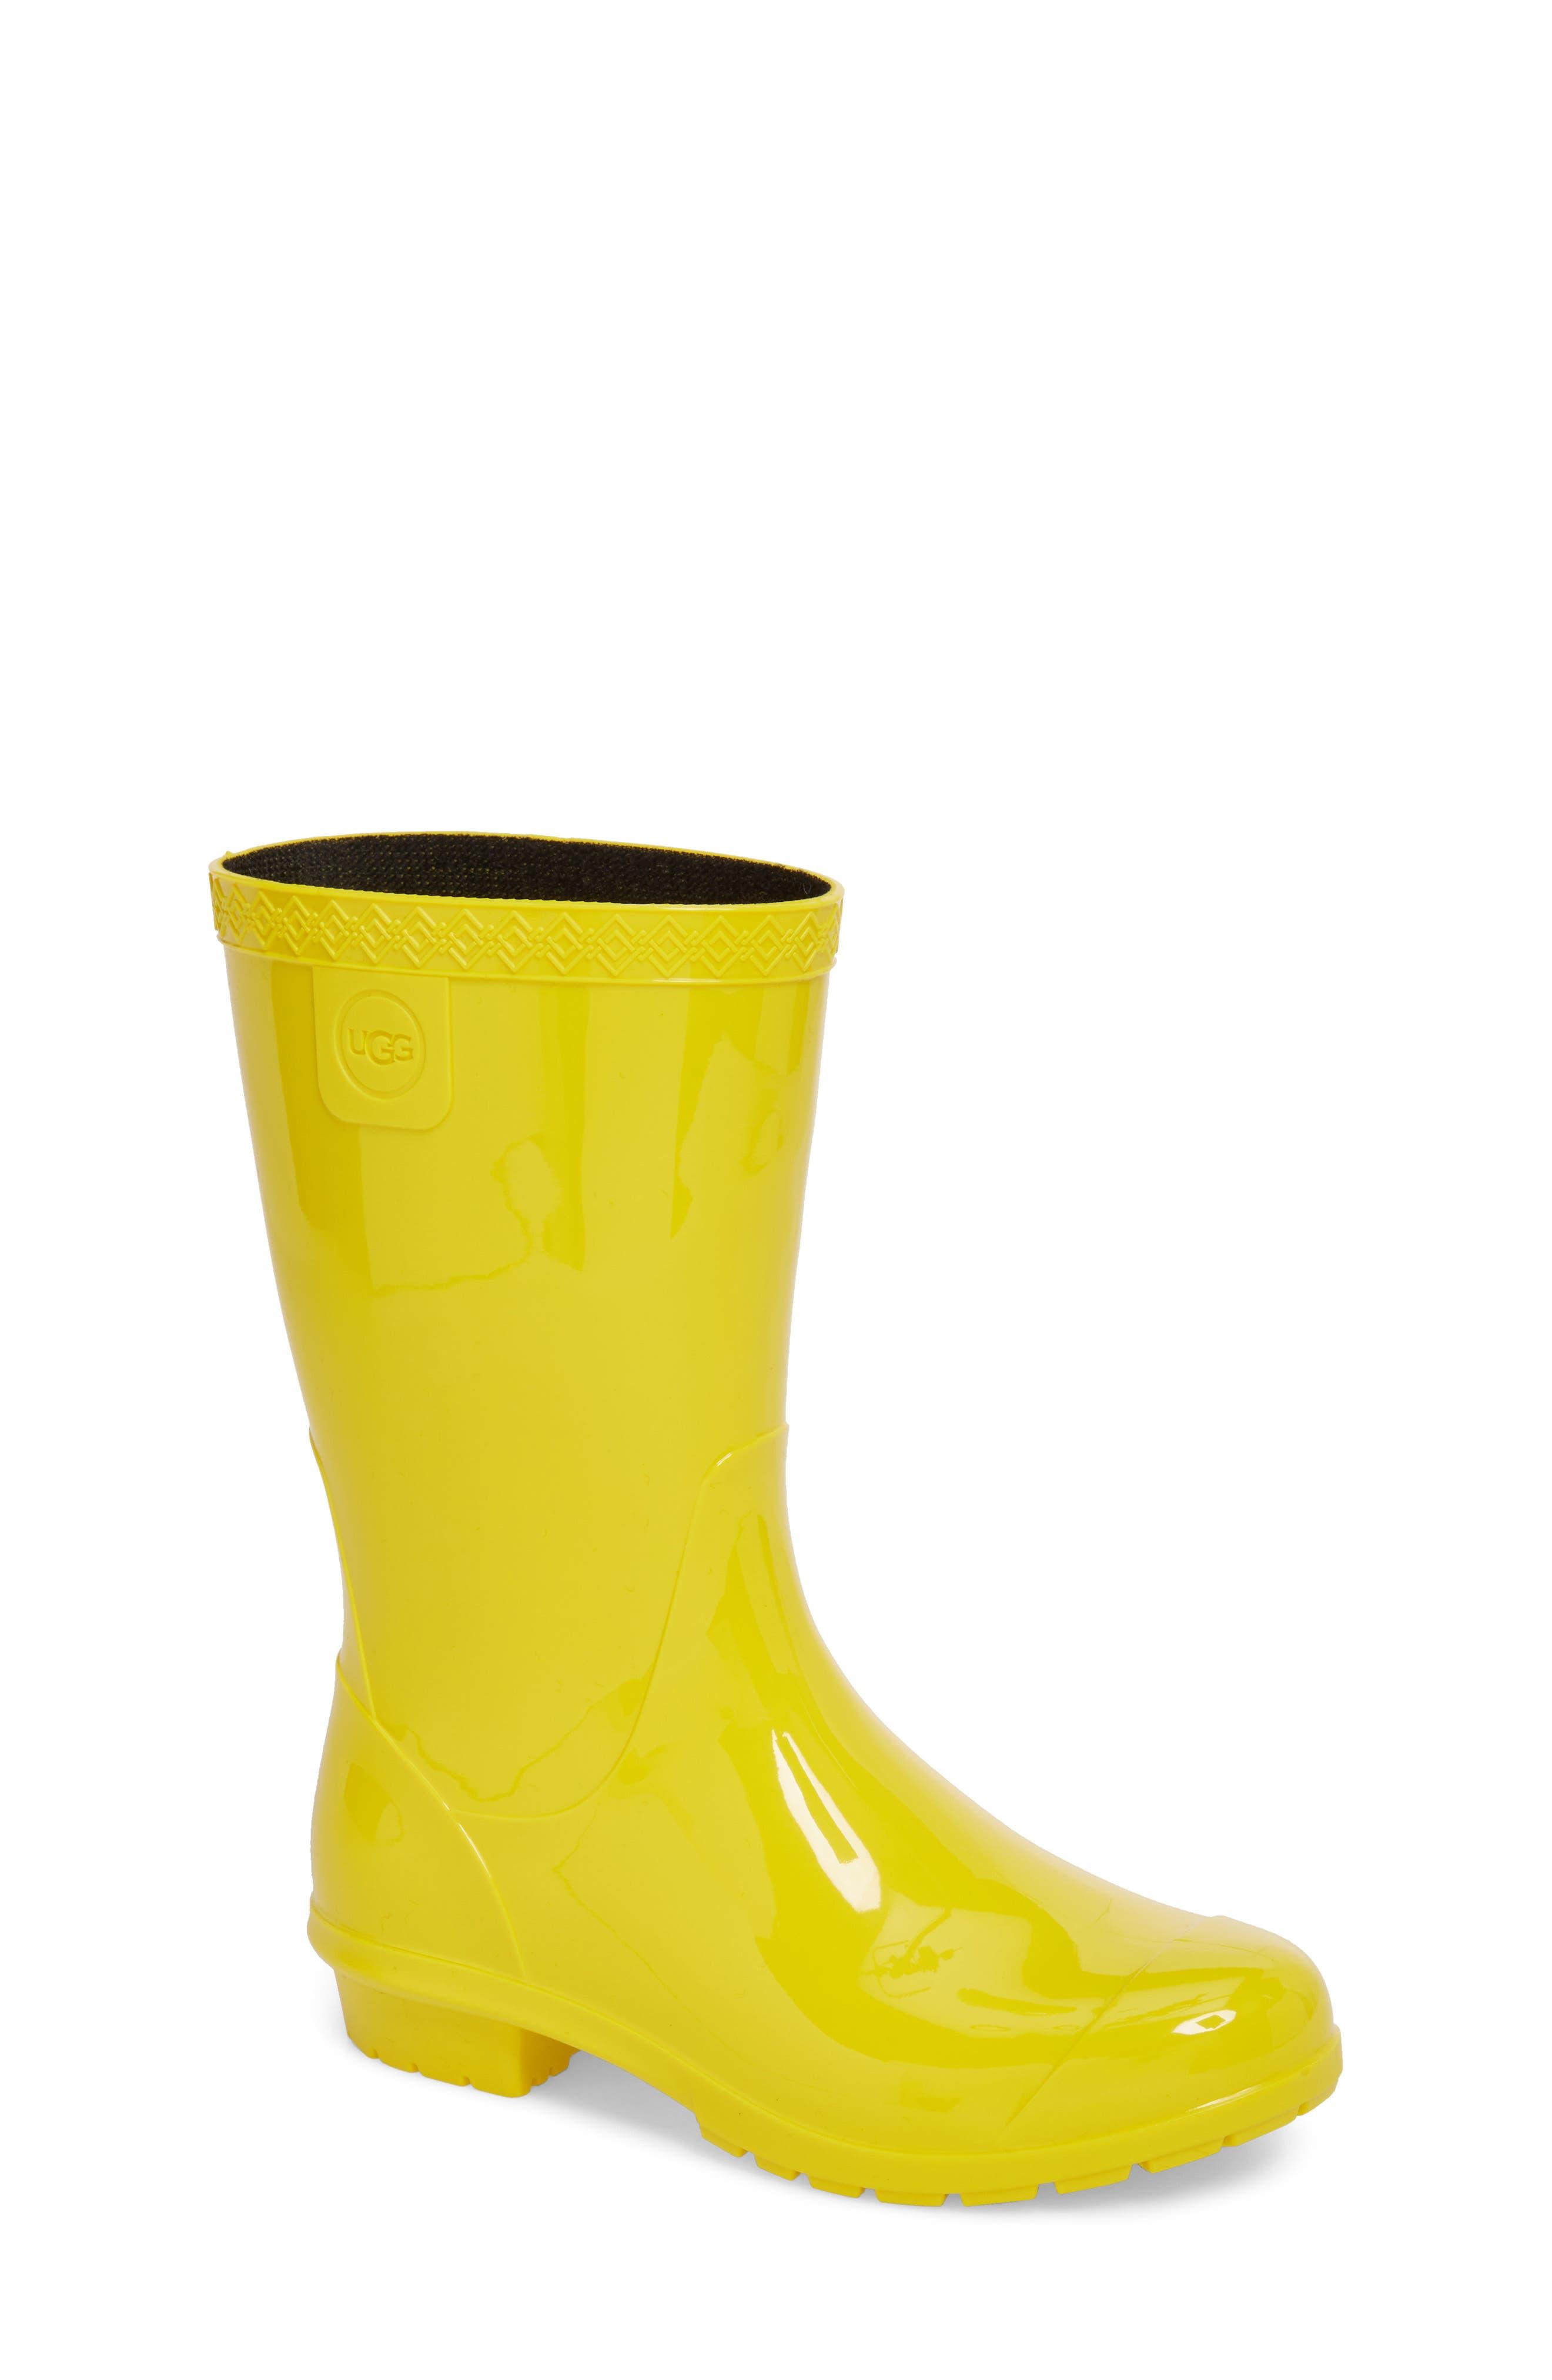 Alternate Image 1 Selected - UGG® Raana Waterproof Rain Boot (Little Kid & Big Kid)